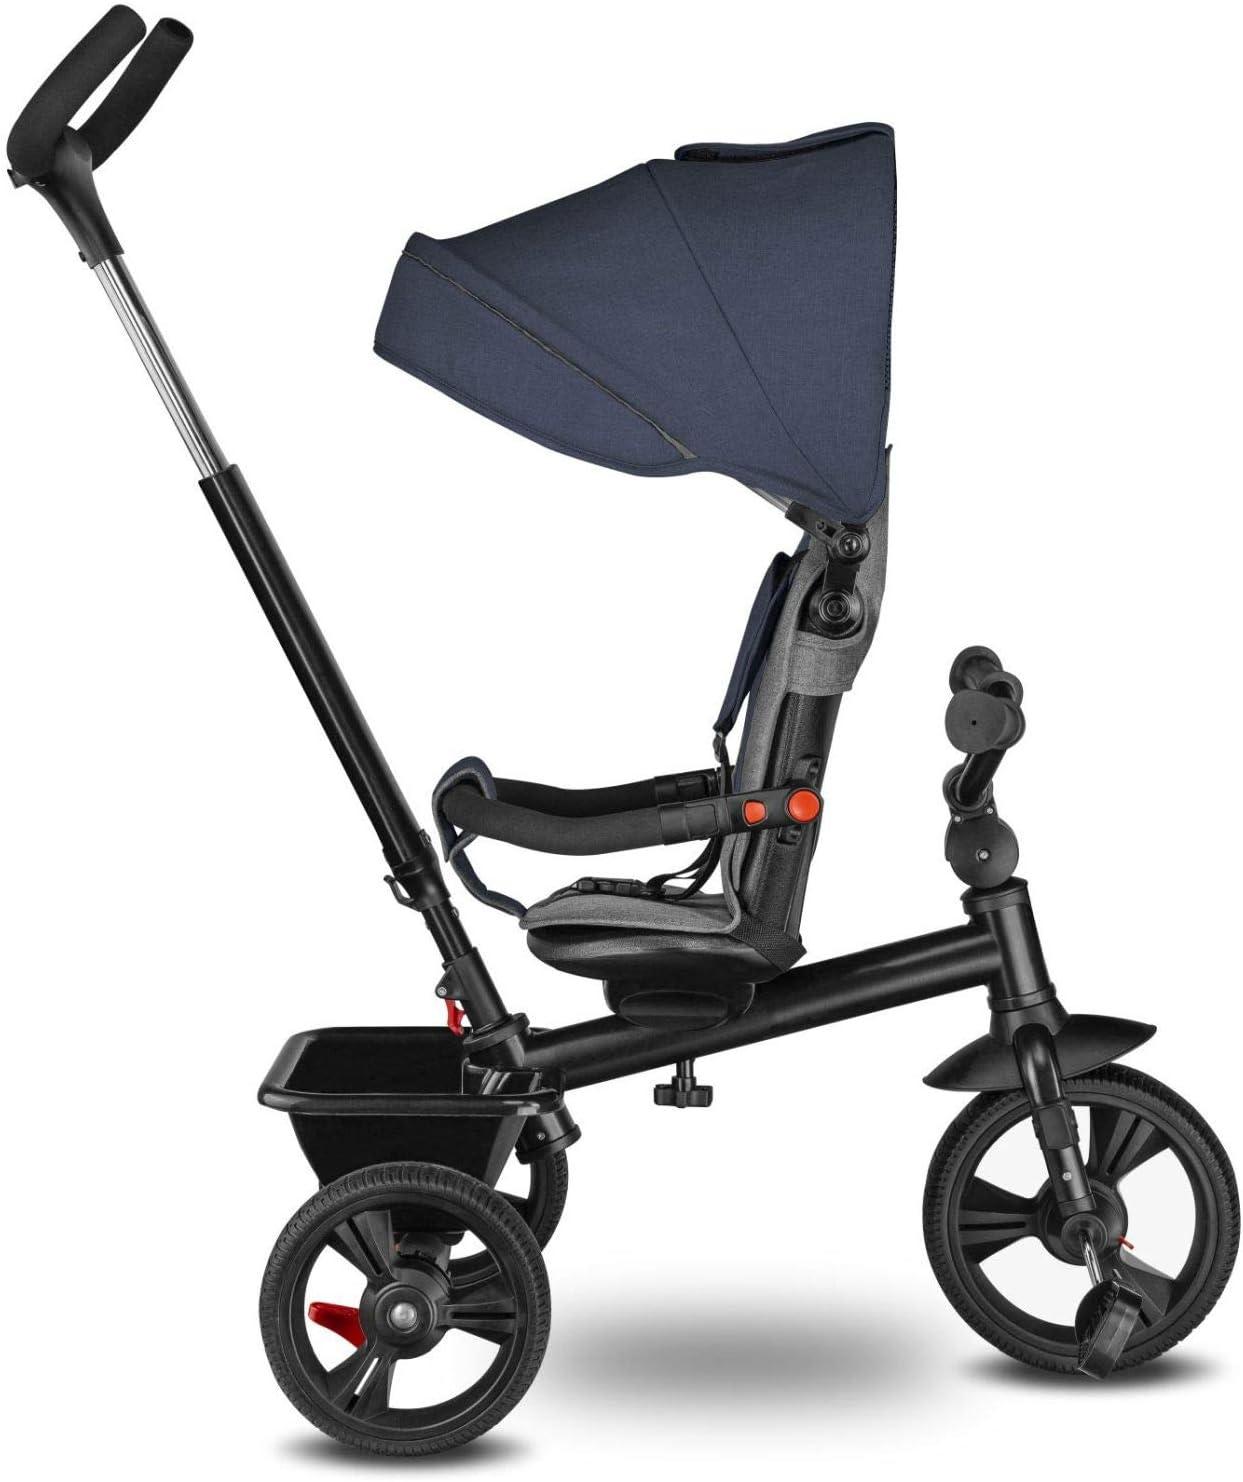 Lionelo Haari Tricycle bébé évolutif jusqu'à 25 kg vélo de Marche vélo pour Les Enfants Plus âgés siège réversible Grand Panier Sac Porte-gobelet Roue Libre (Gris) Bleu